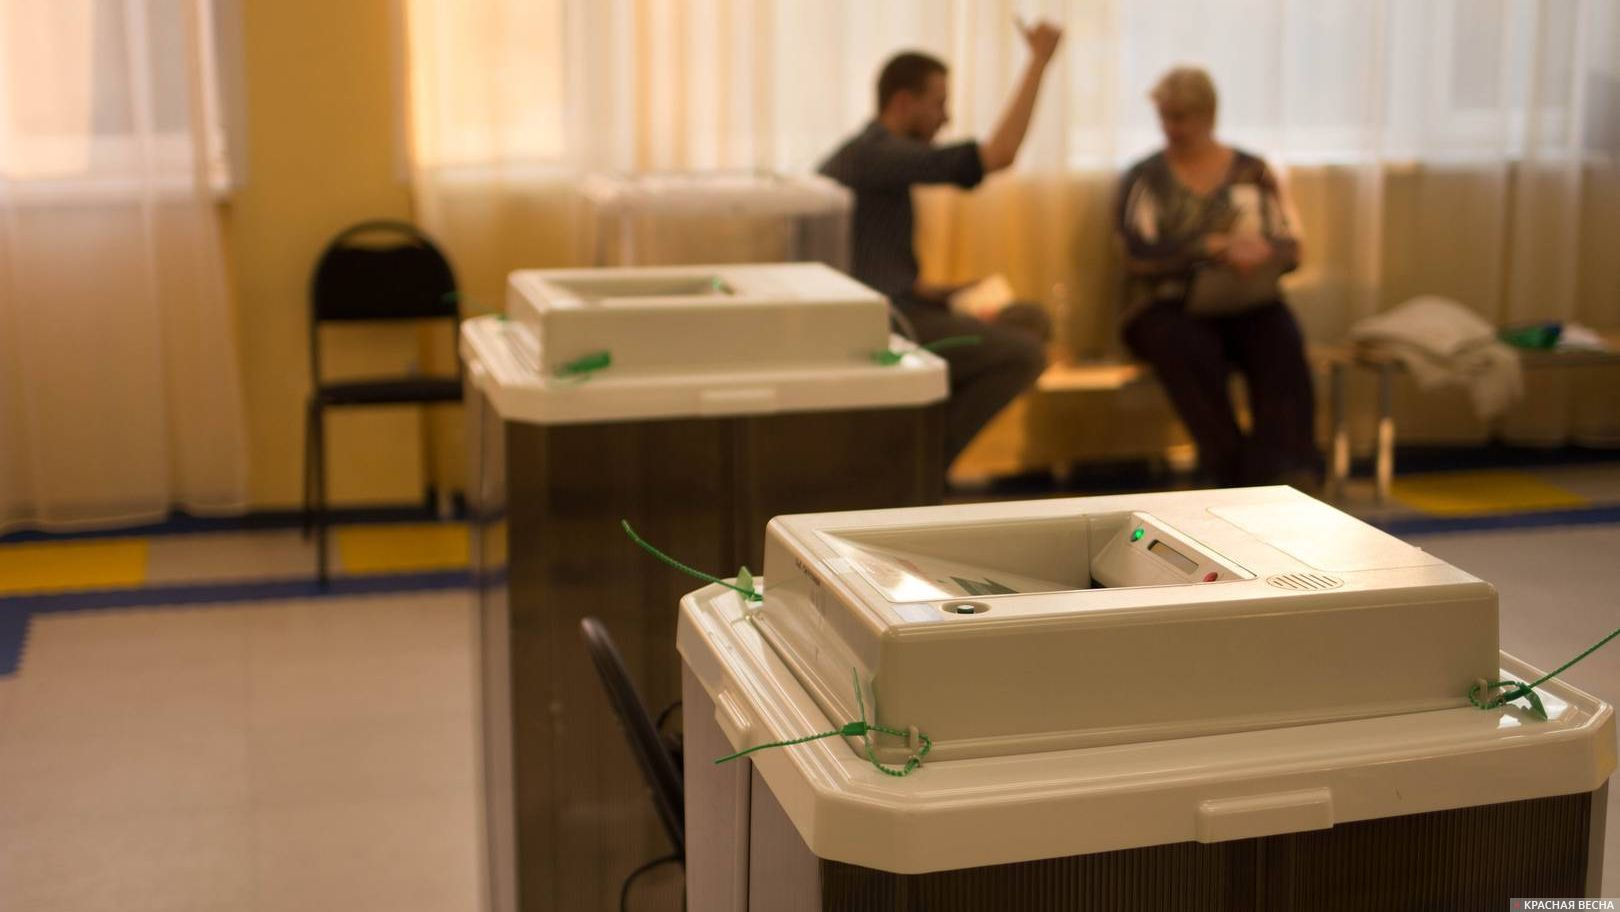 Единый день голосования в районе Красносельский, Москва. Бурная дискуссия